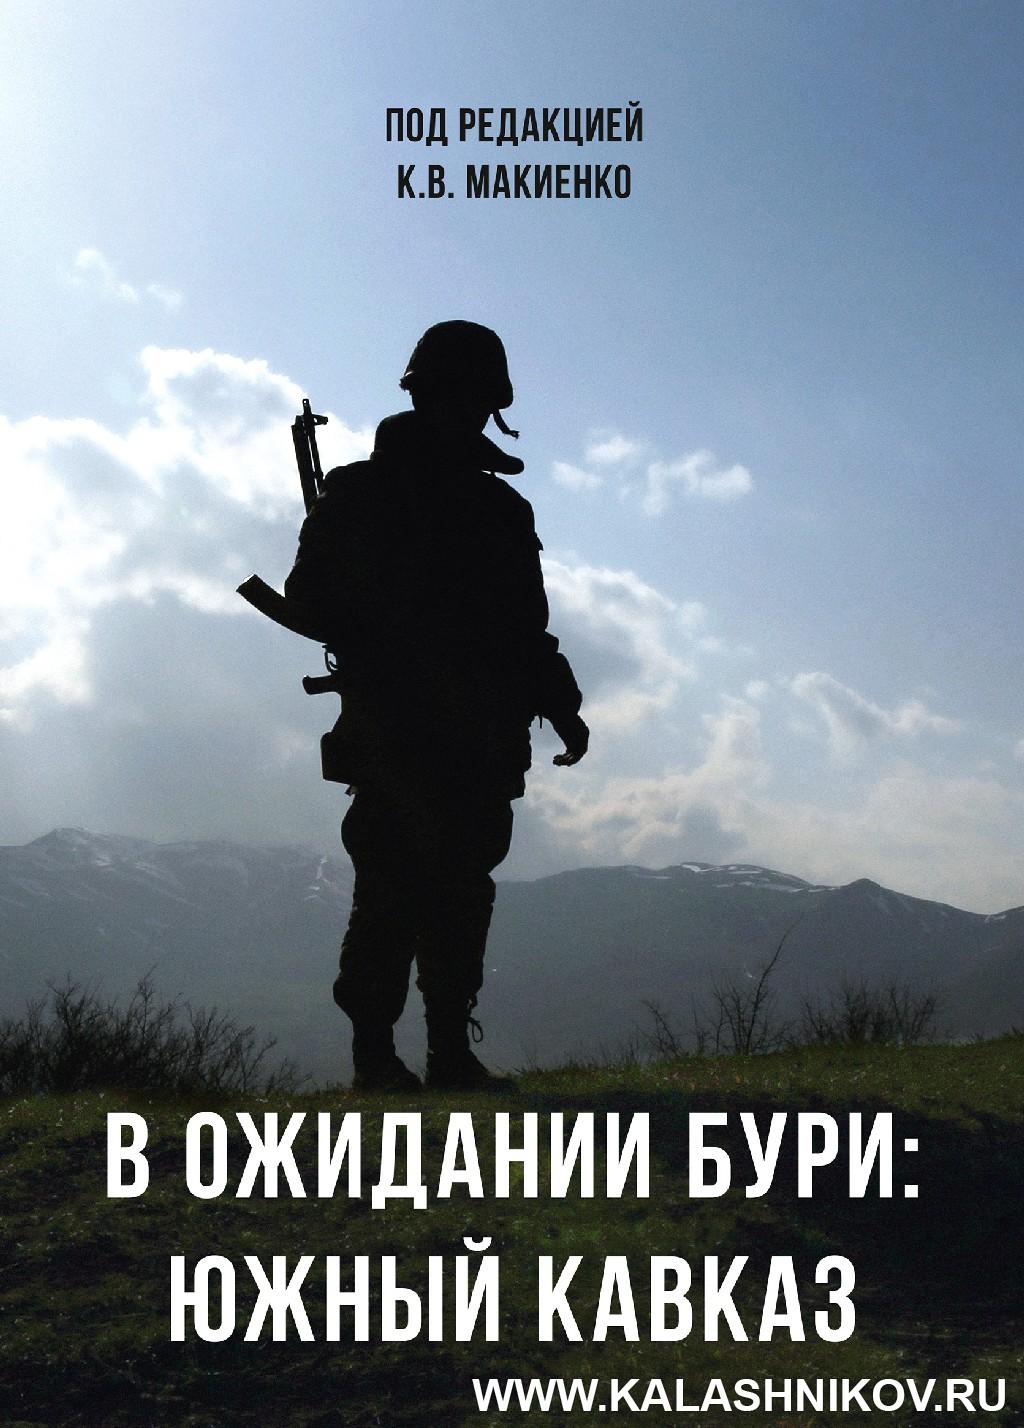 Обложка кники «В ожидании бури: южный кавказ». Журнал «Калашников»